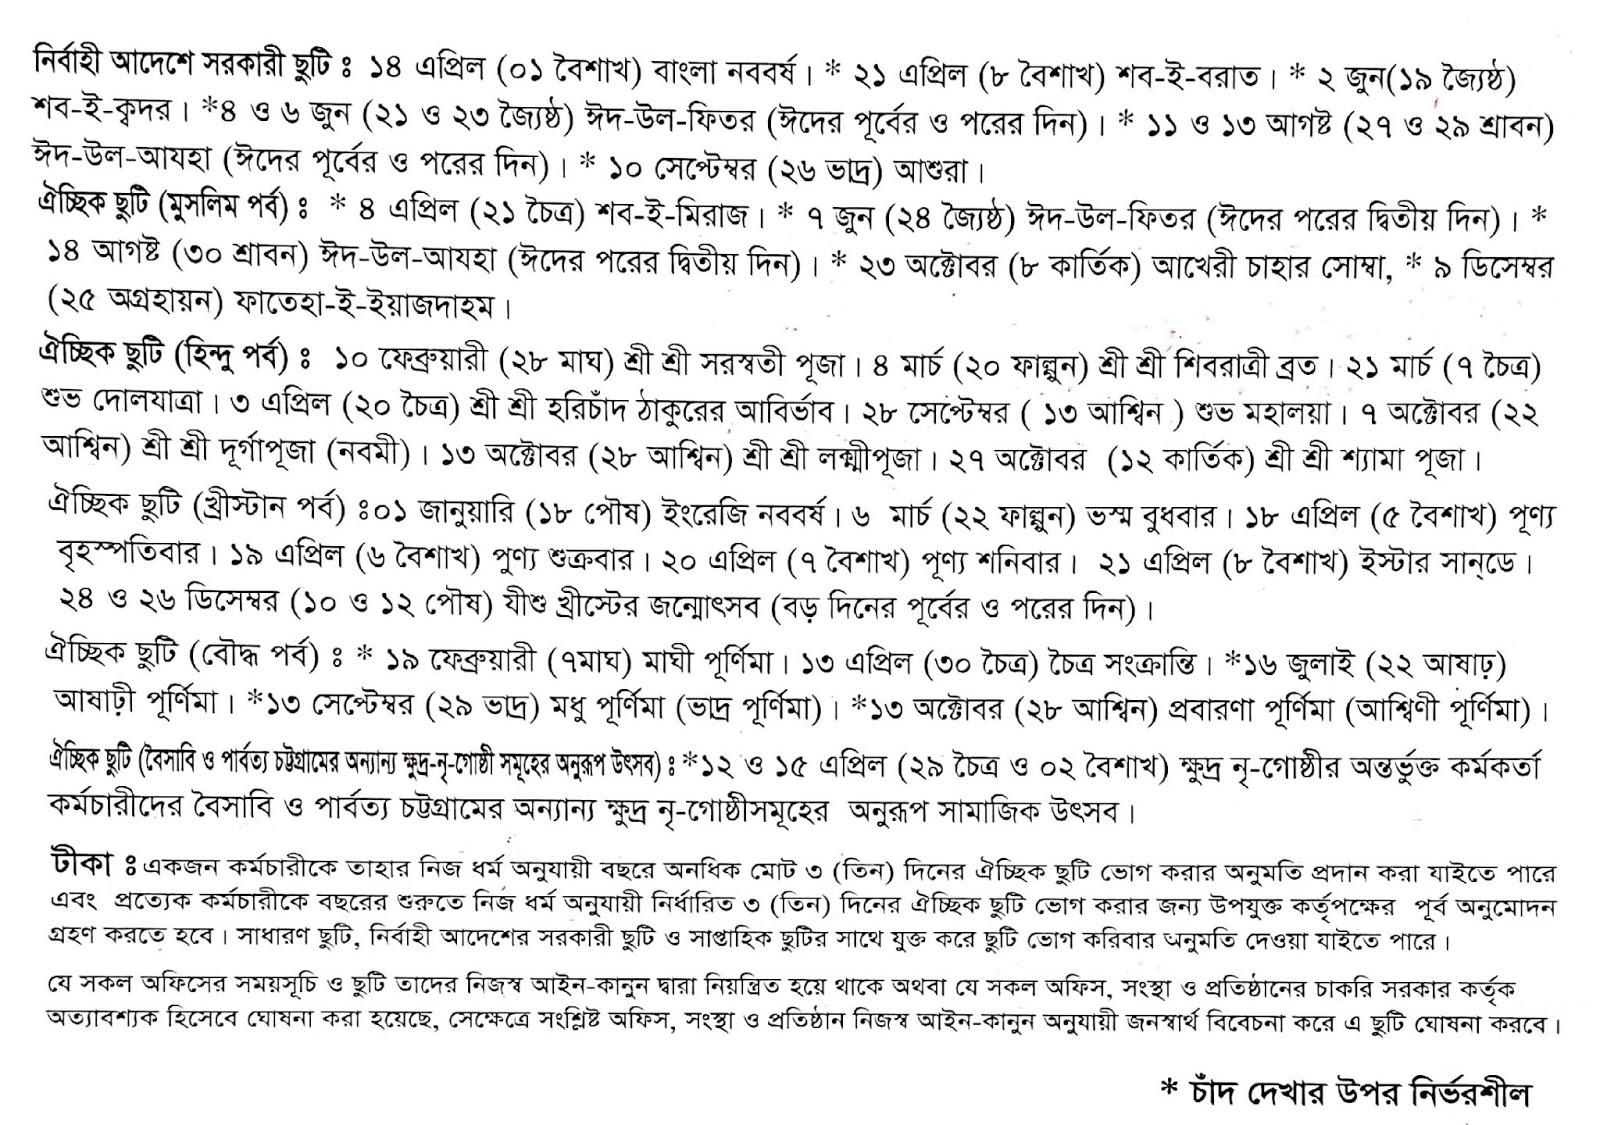 বাংলাদেশে-২০১৯-সালের-ছুটির-তালিকা-সরকারি-সরকারী-বাংলাদেশ-বাংলা-ক্যালেন্ডার -২০১৯